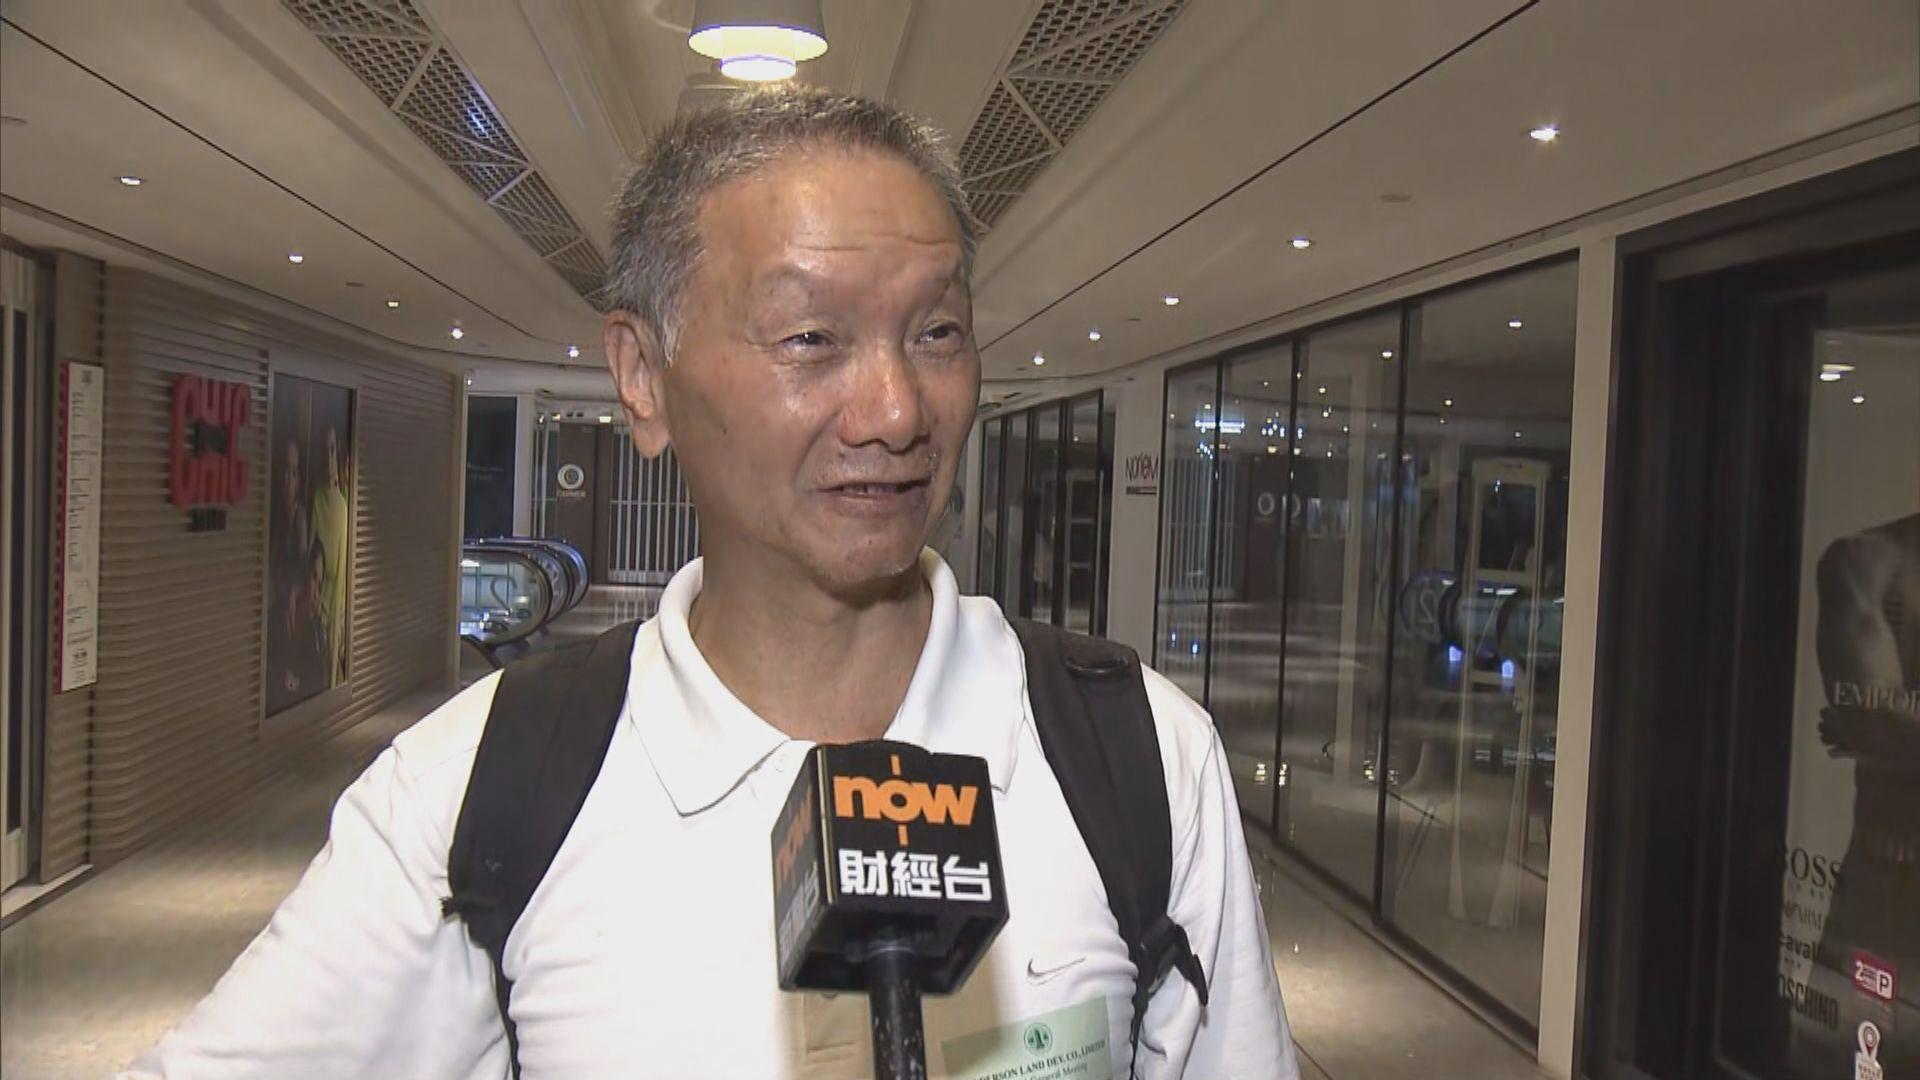 【李兆基退休】煤氣長情股東:唔驚之後唔送紅股